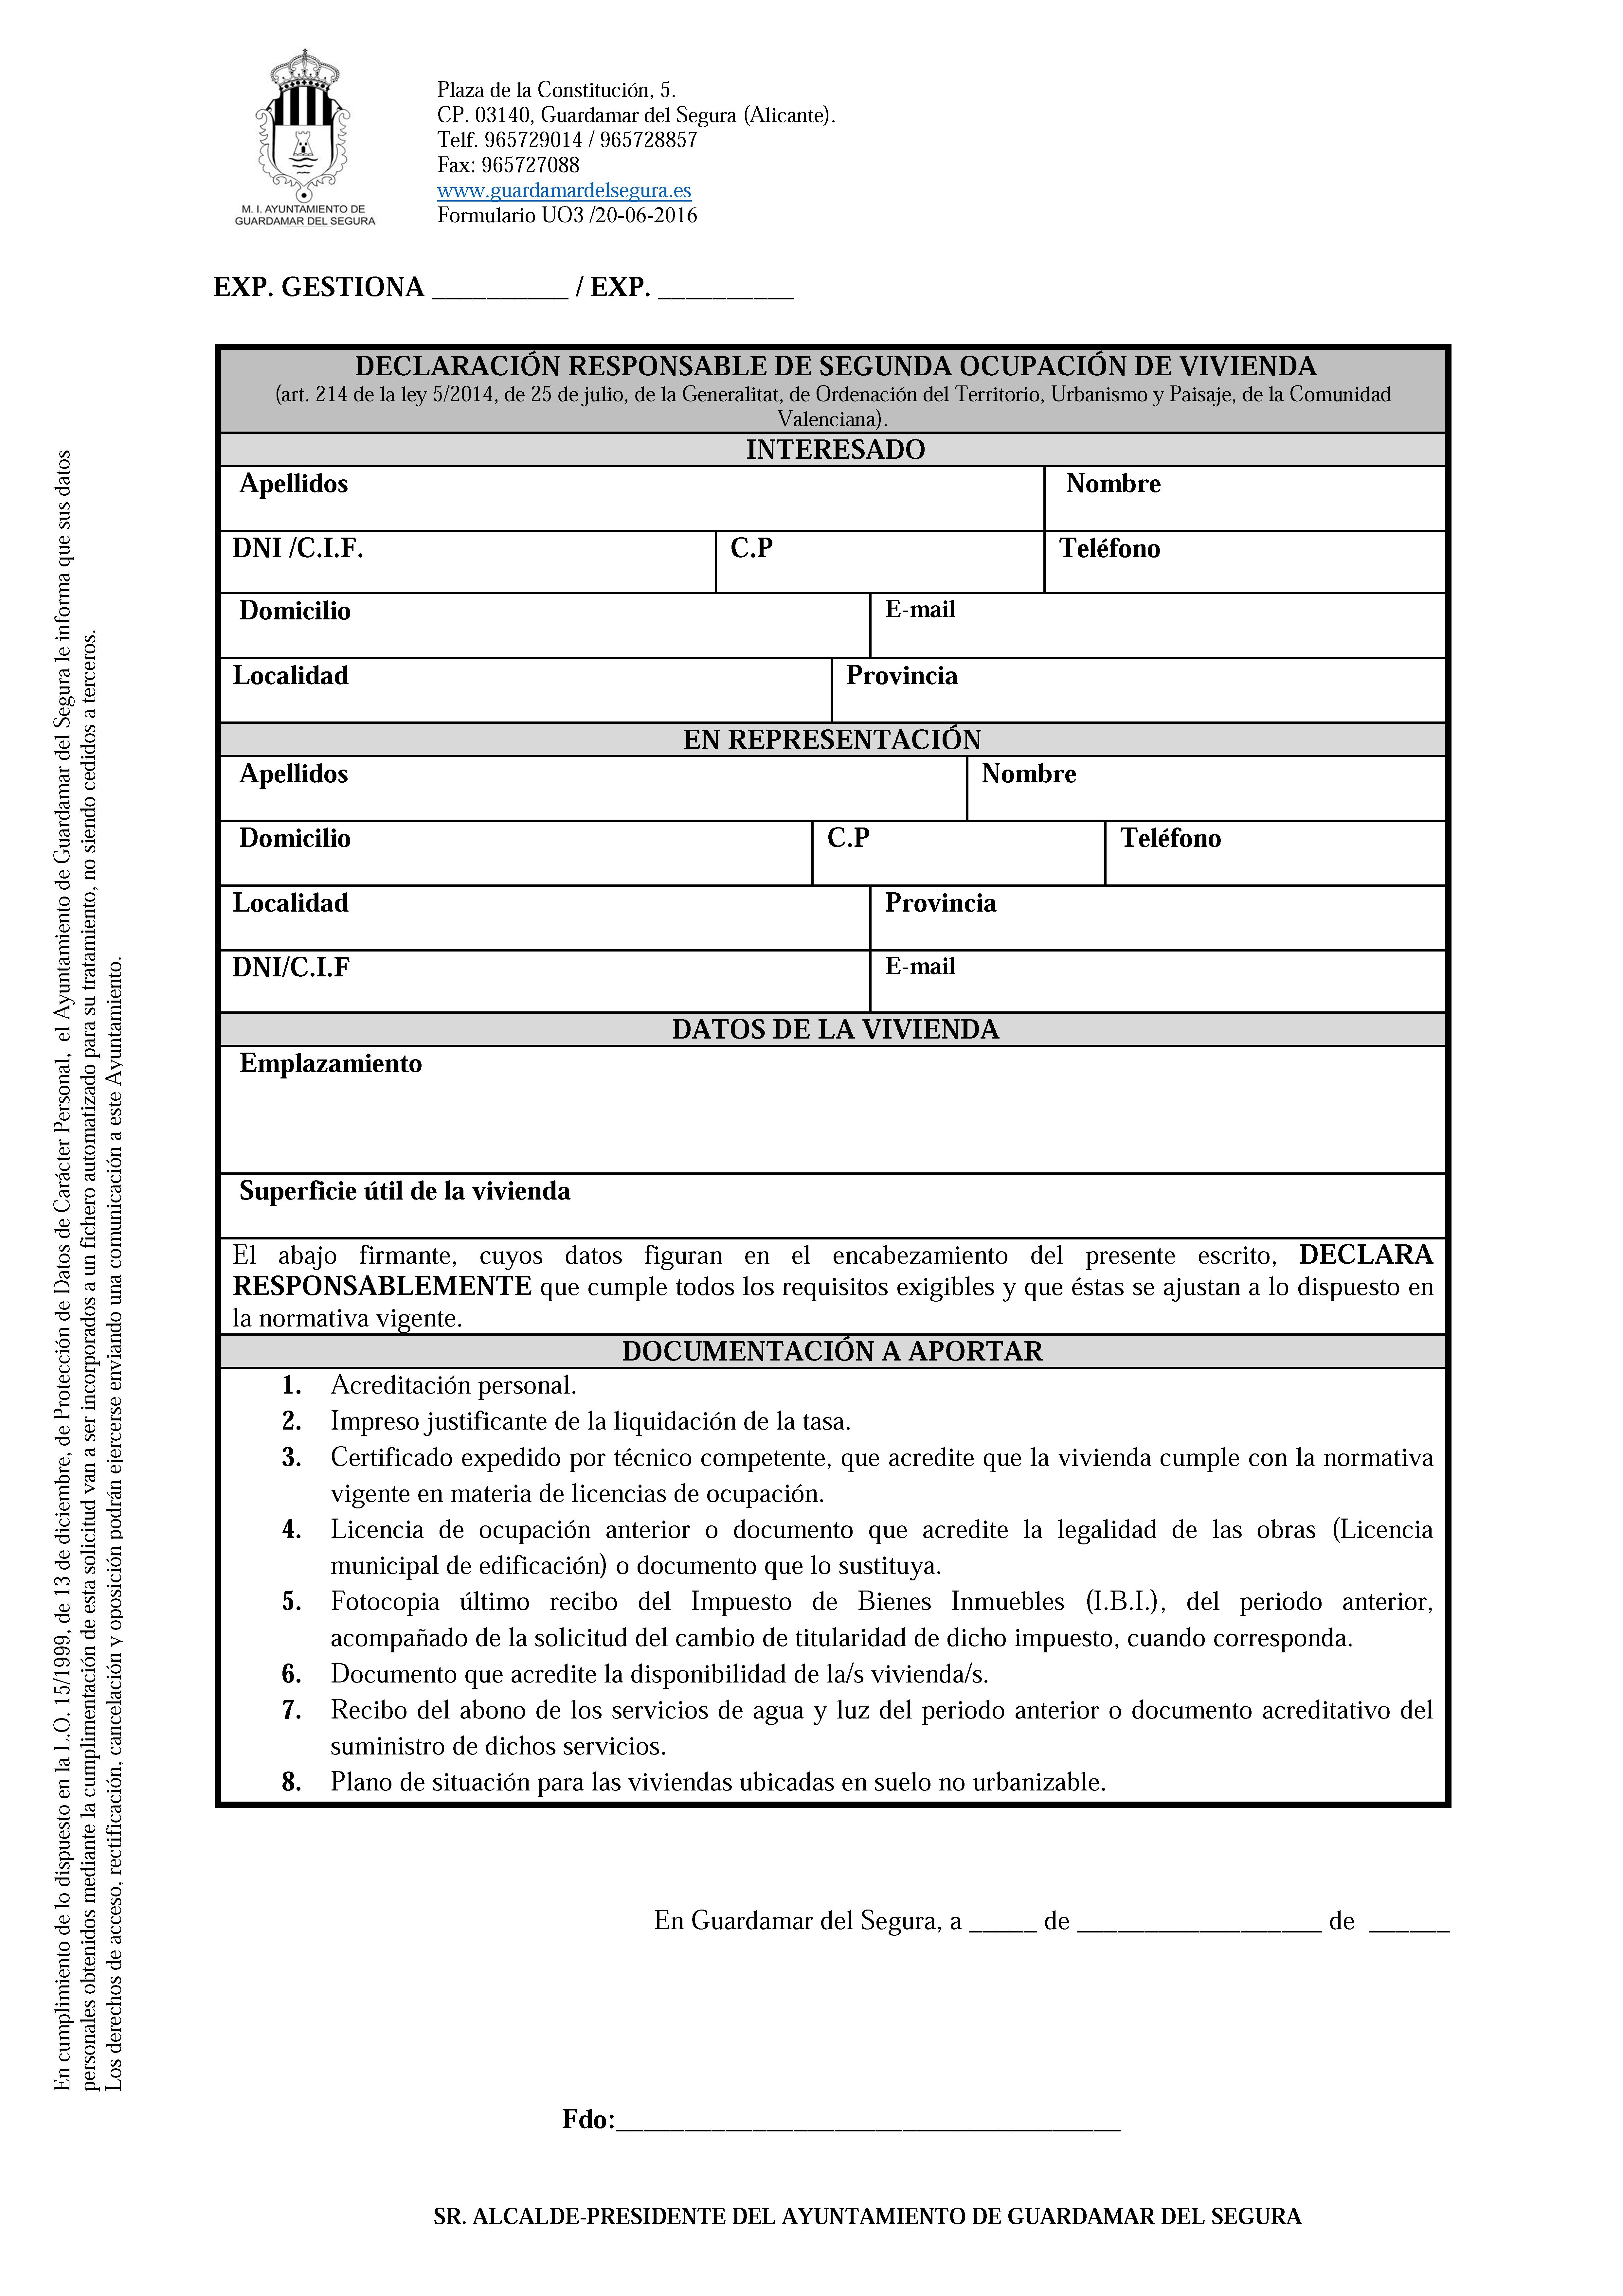 Impreso Declaración Responsable Segunda Ocupación Guardamar del Segura